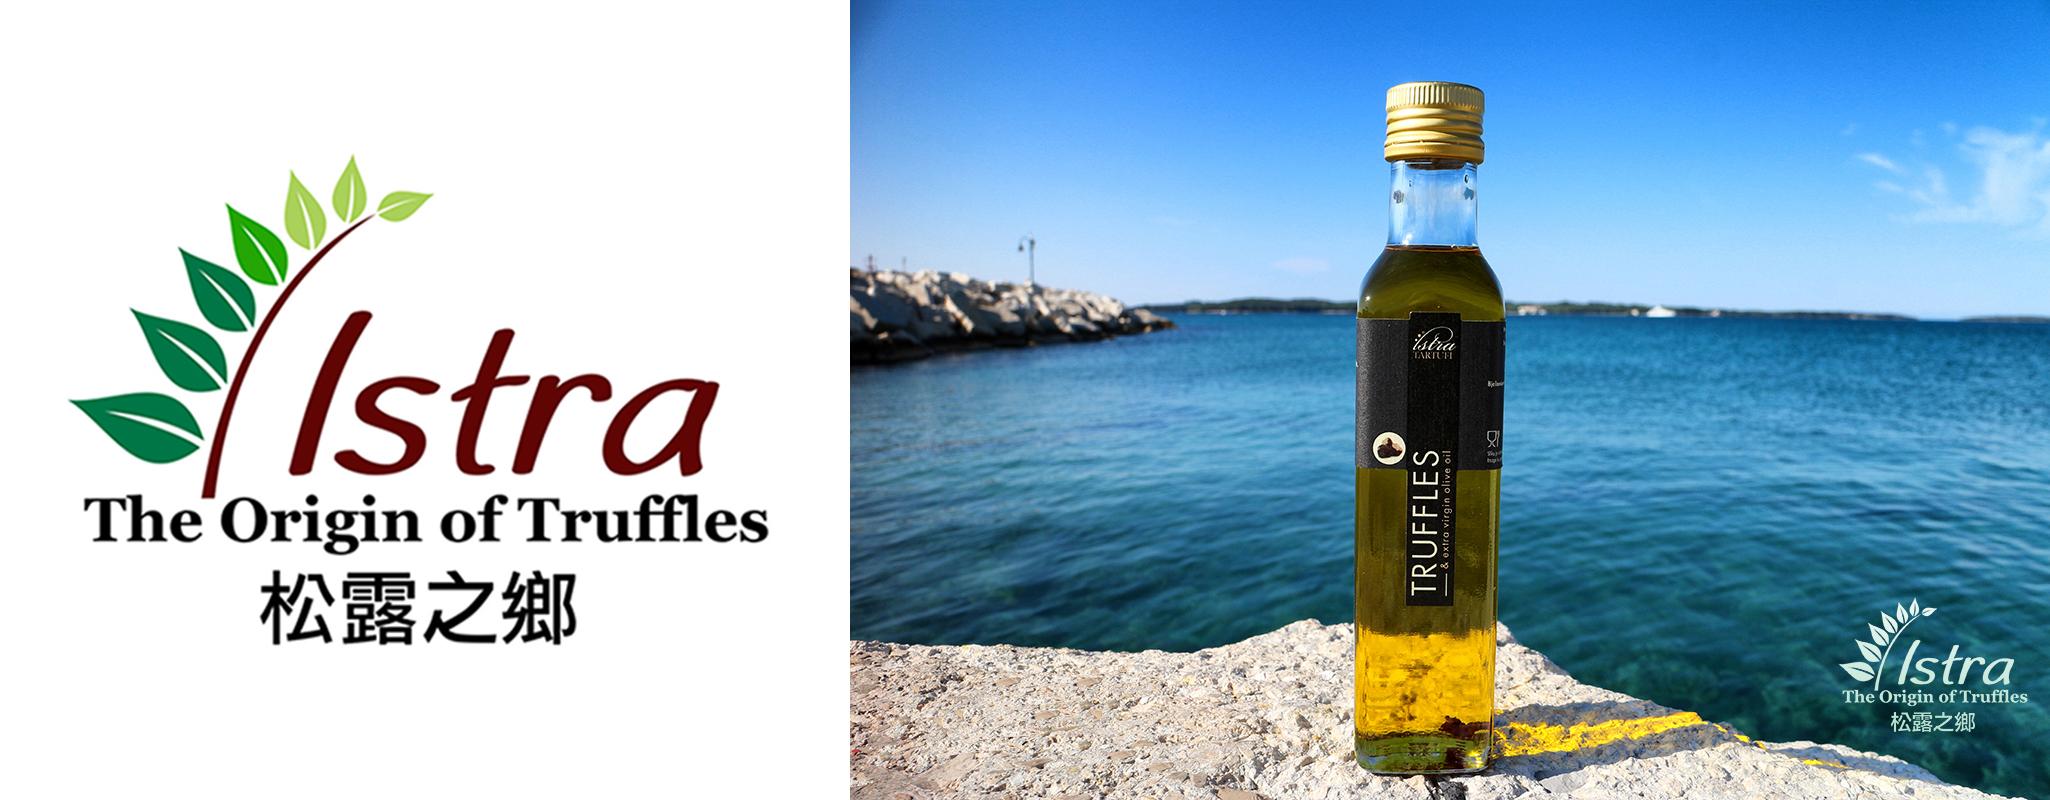 白松露特級初榨橄欖油